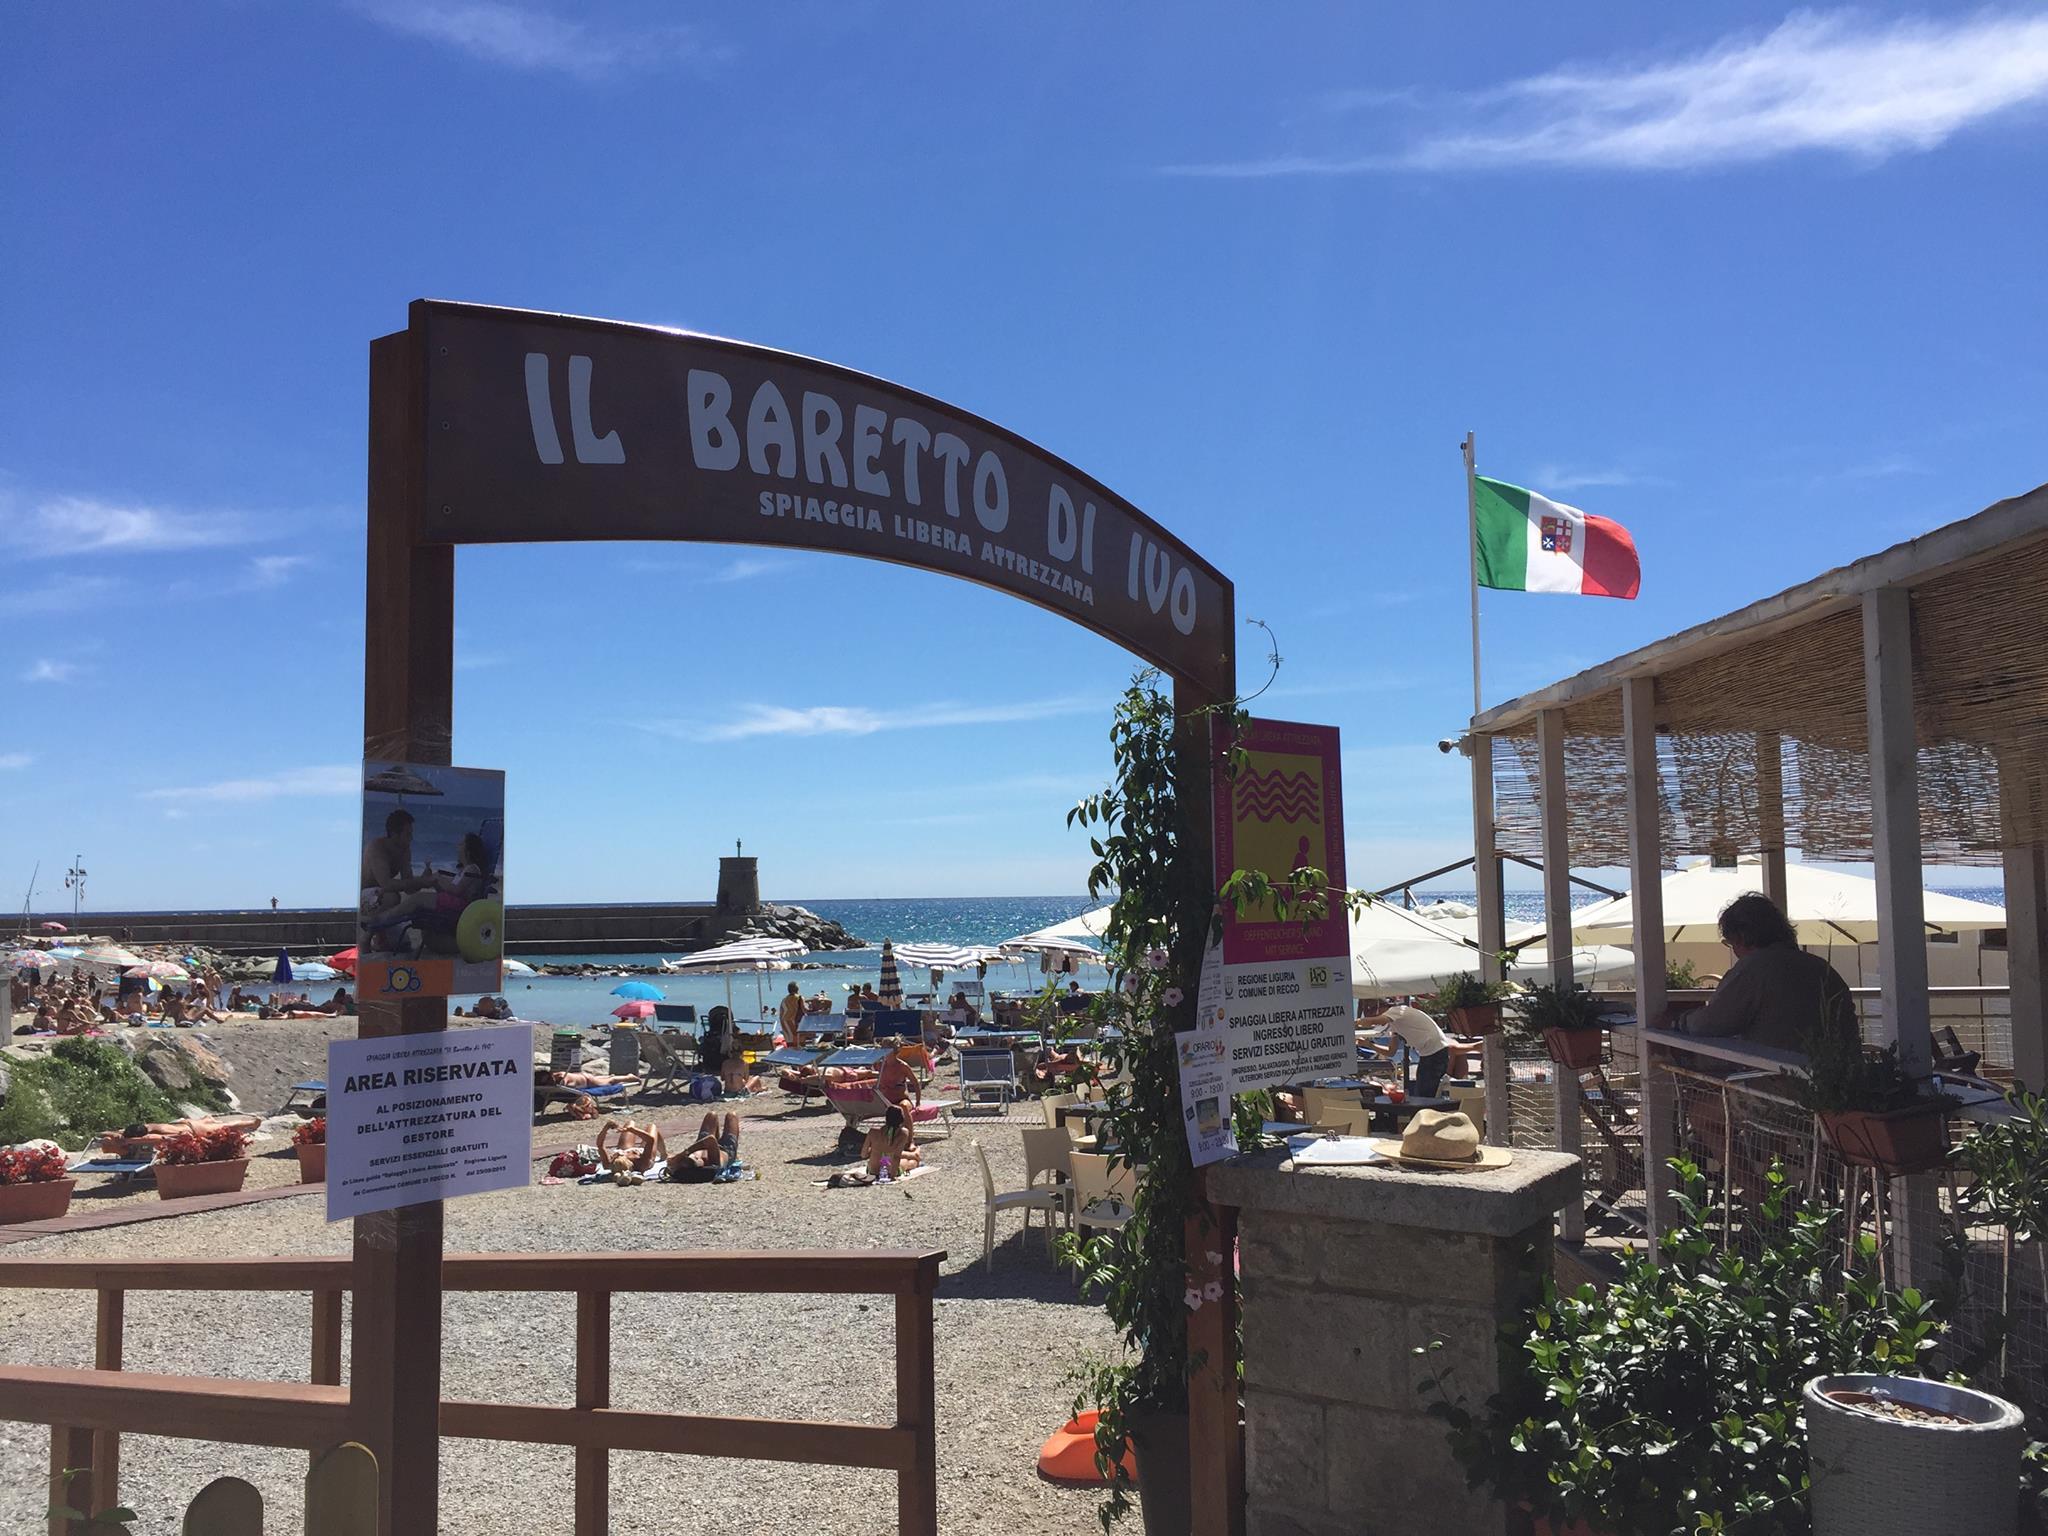 Spiaggia Libera Attrezzata Recco